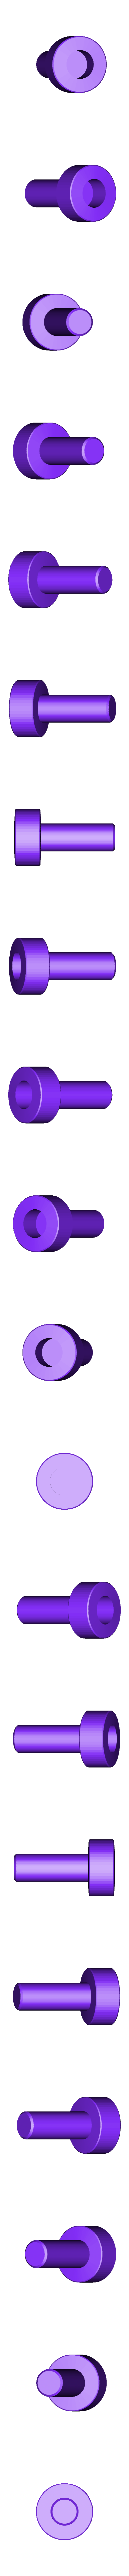 07_Adapter.obj Télécharger fichier OBJ gratuit Nemoriko's : Petite chenille hétéroclite • Objet pour imprimante 3D, Nemoriko